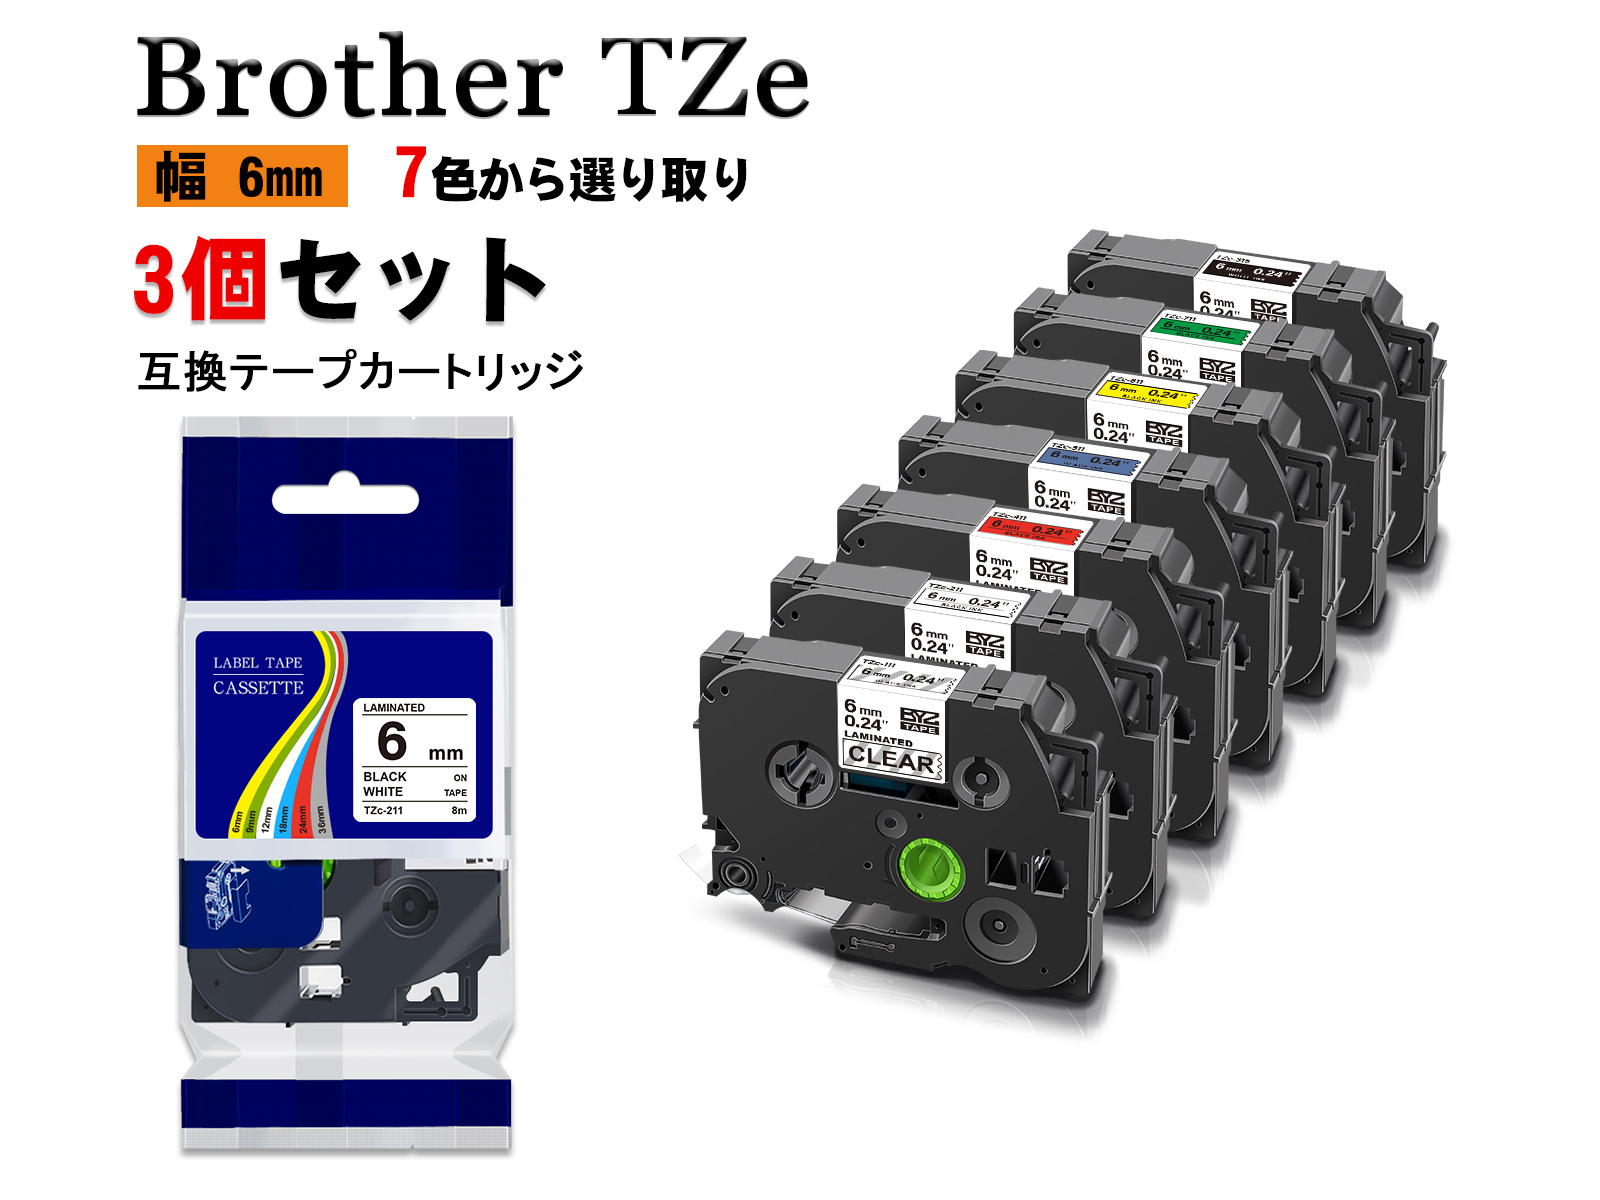 幅 6mm 全 7色 3個セット 大幅値下げランキング 名前シール Brother ブラザー 授与 テプラテープ お名前シール マイラベル 長さ 8m ピータッチキューブ用 互換 2年保証可能 TZeシリーズ TZeテープ